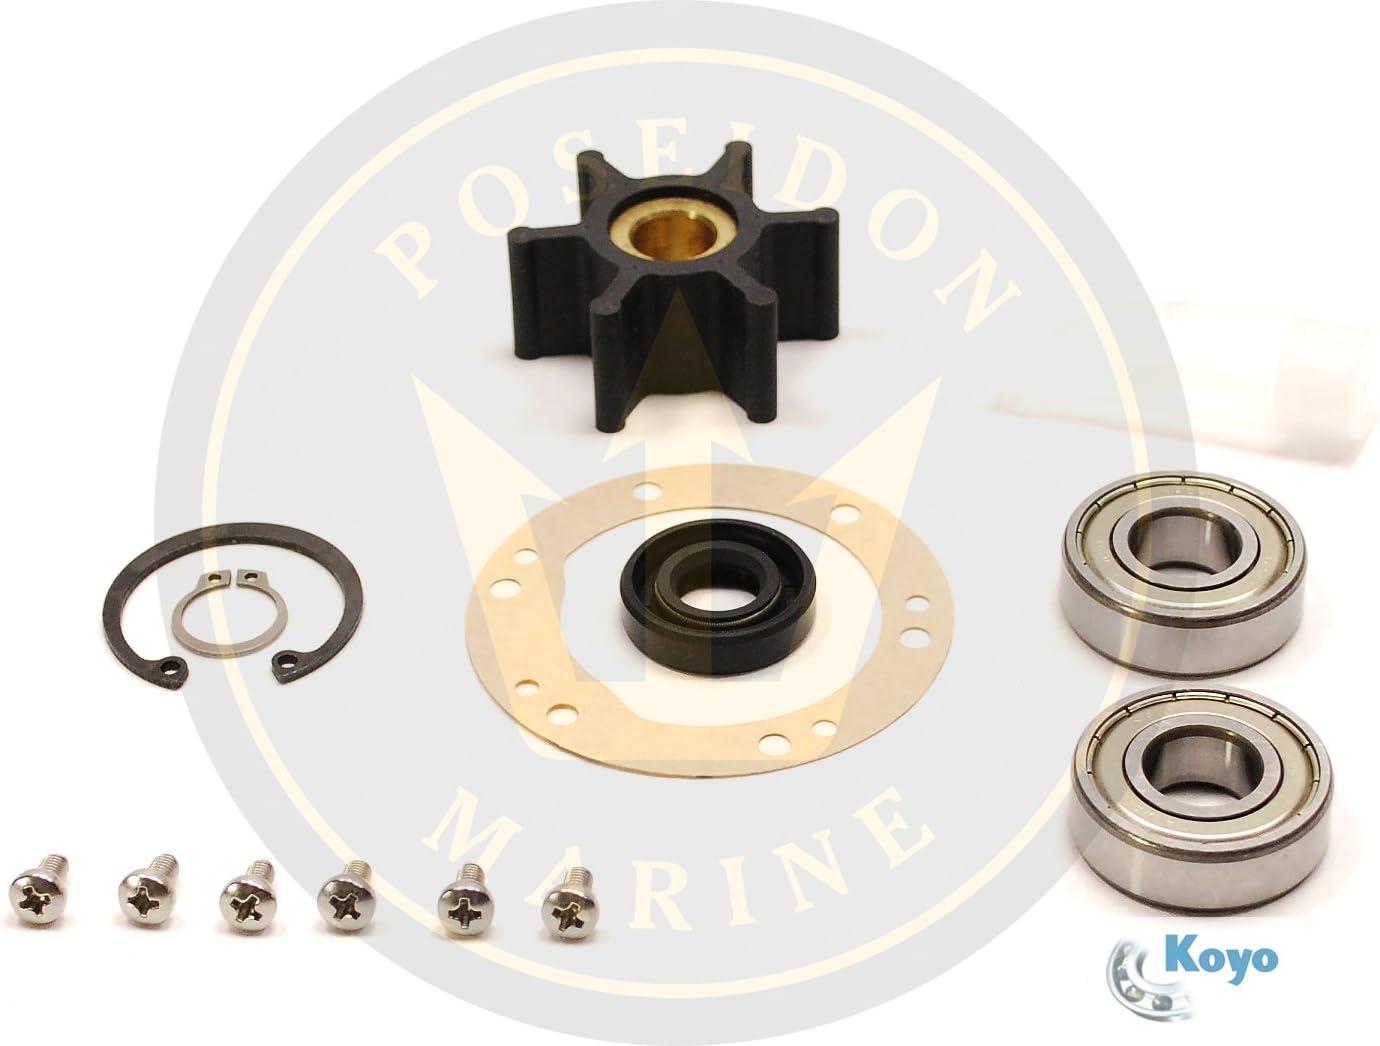 Sea Water Pump Repair Kit for Yanmar Marine 2GMF 2GM20F 3GMF 3GM30F 3GM30FVE